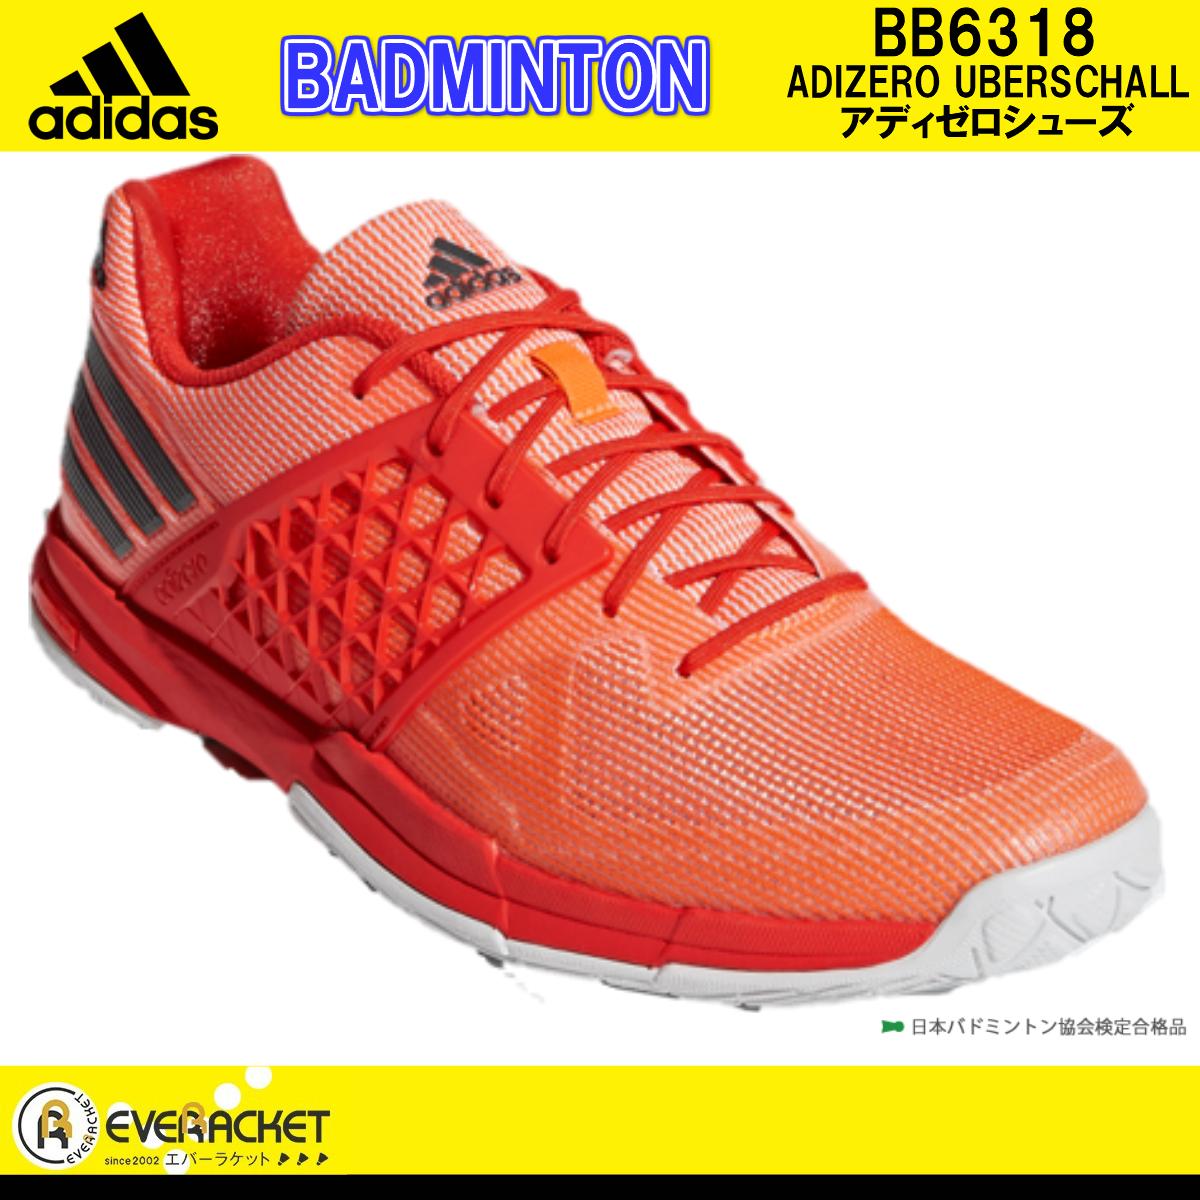 【お買い得商品】 adidas アディダススリービー ラケットスポーツジャパン バドミントン バドミントンシューズ アディゼロ シューズ BB6318